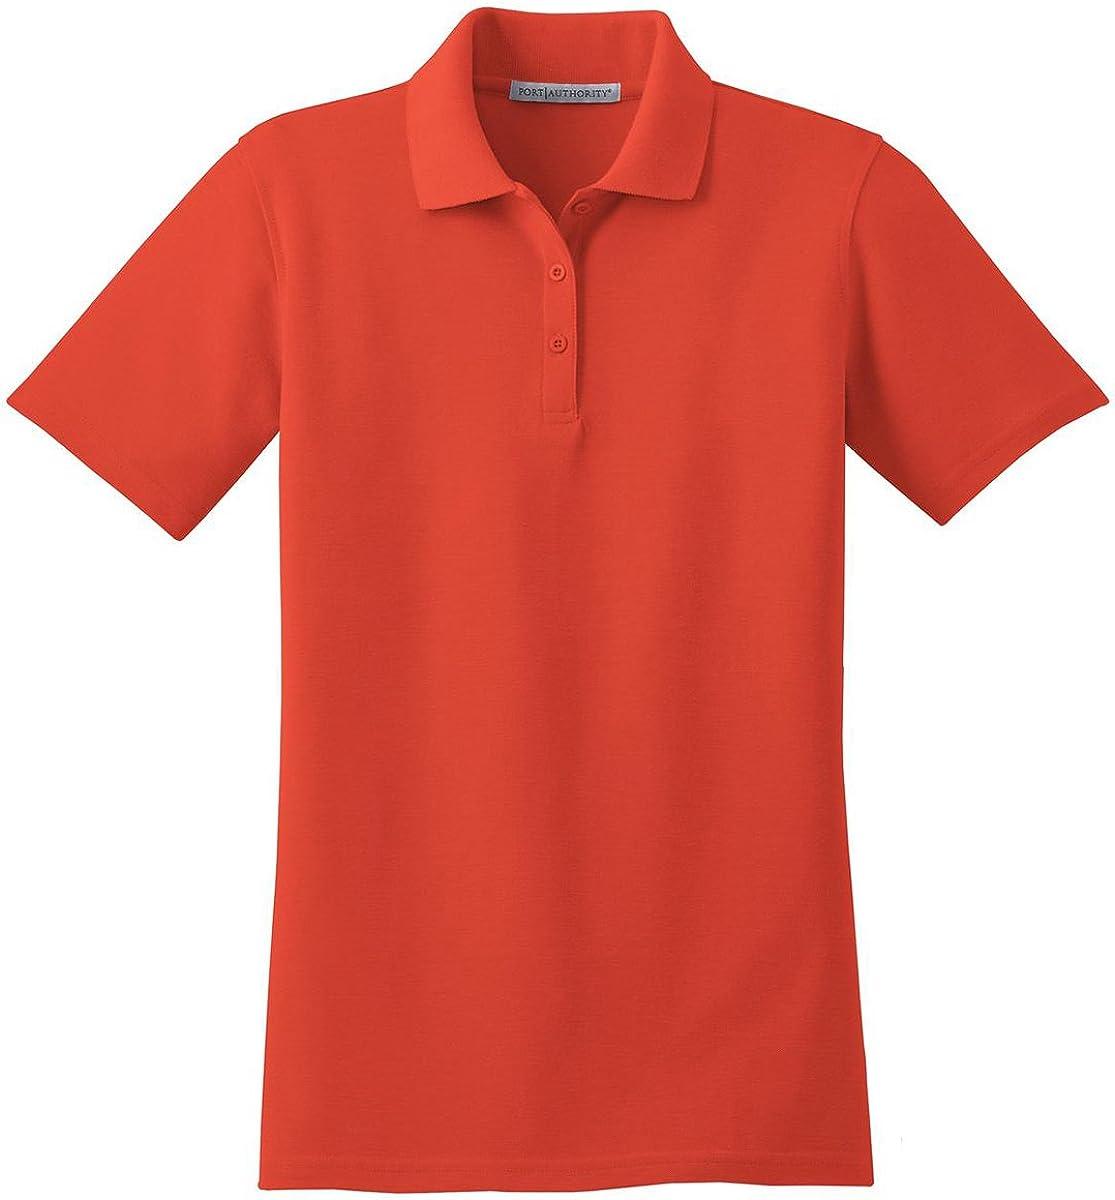 Port Authority Women's Stain Resistant Polo, Autumn Orange, Small